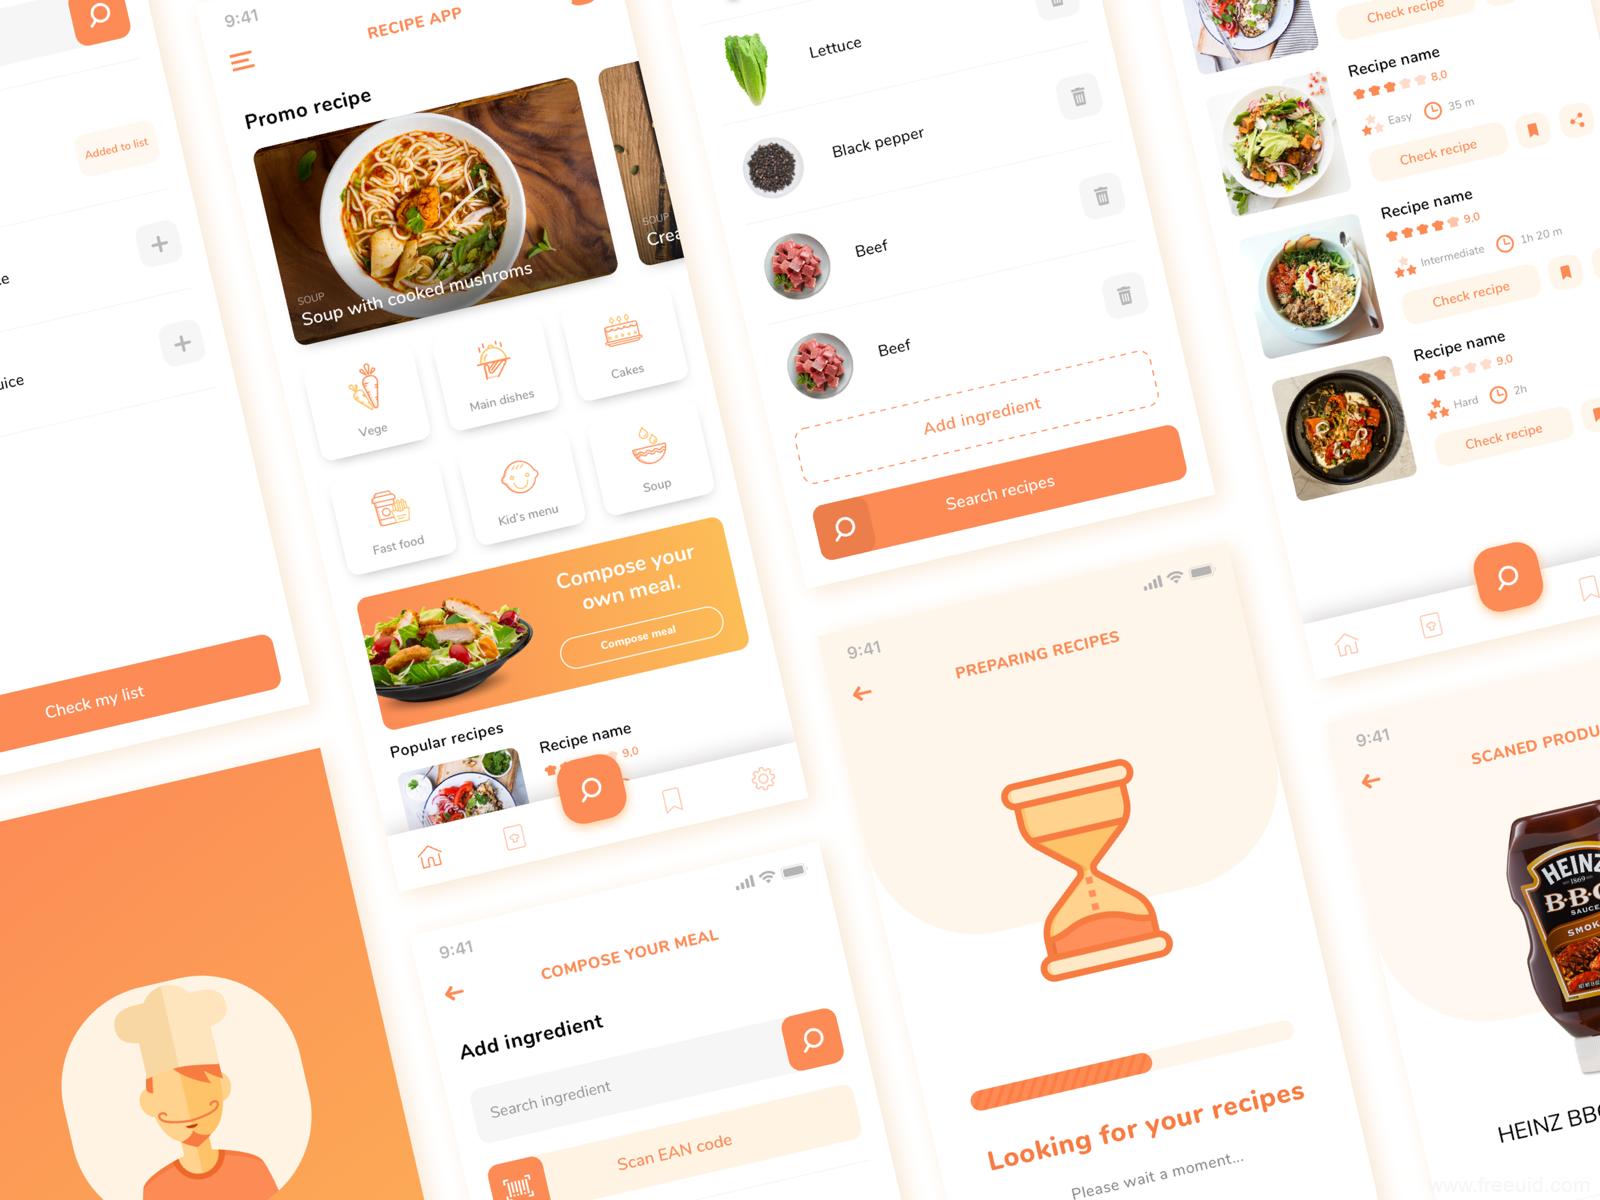 精品生鲜美食类APP UI界面源文件,sketch源文件下载,UI素材下载,UI资源分享